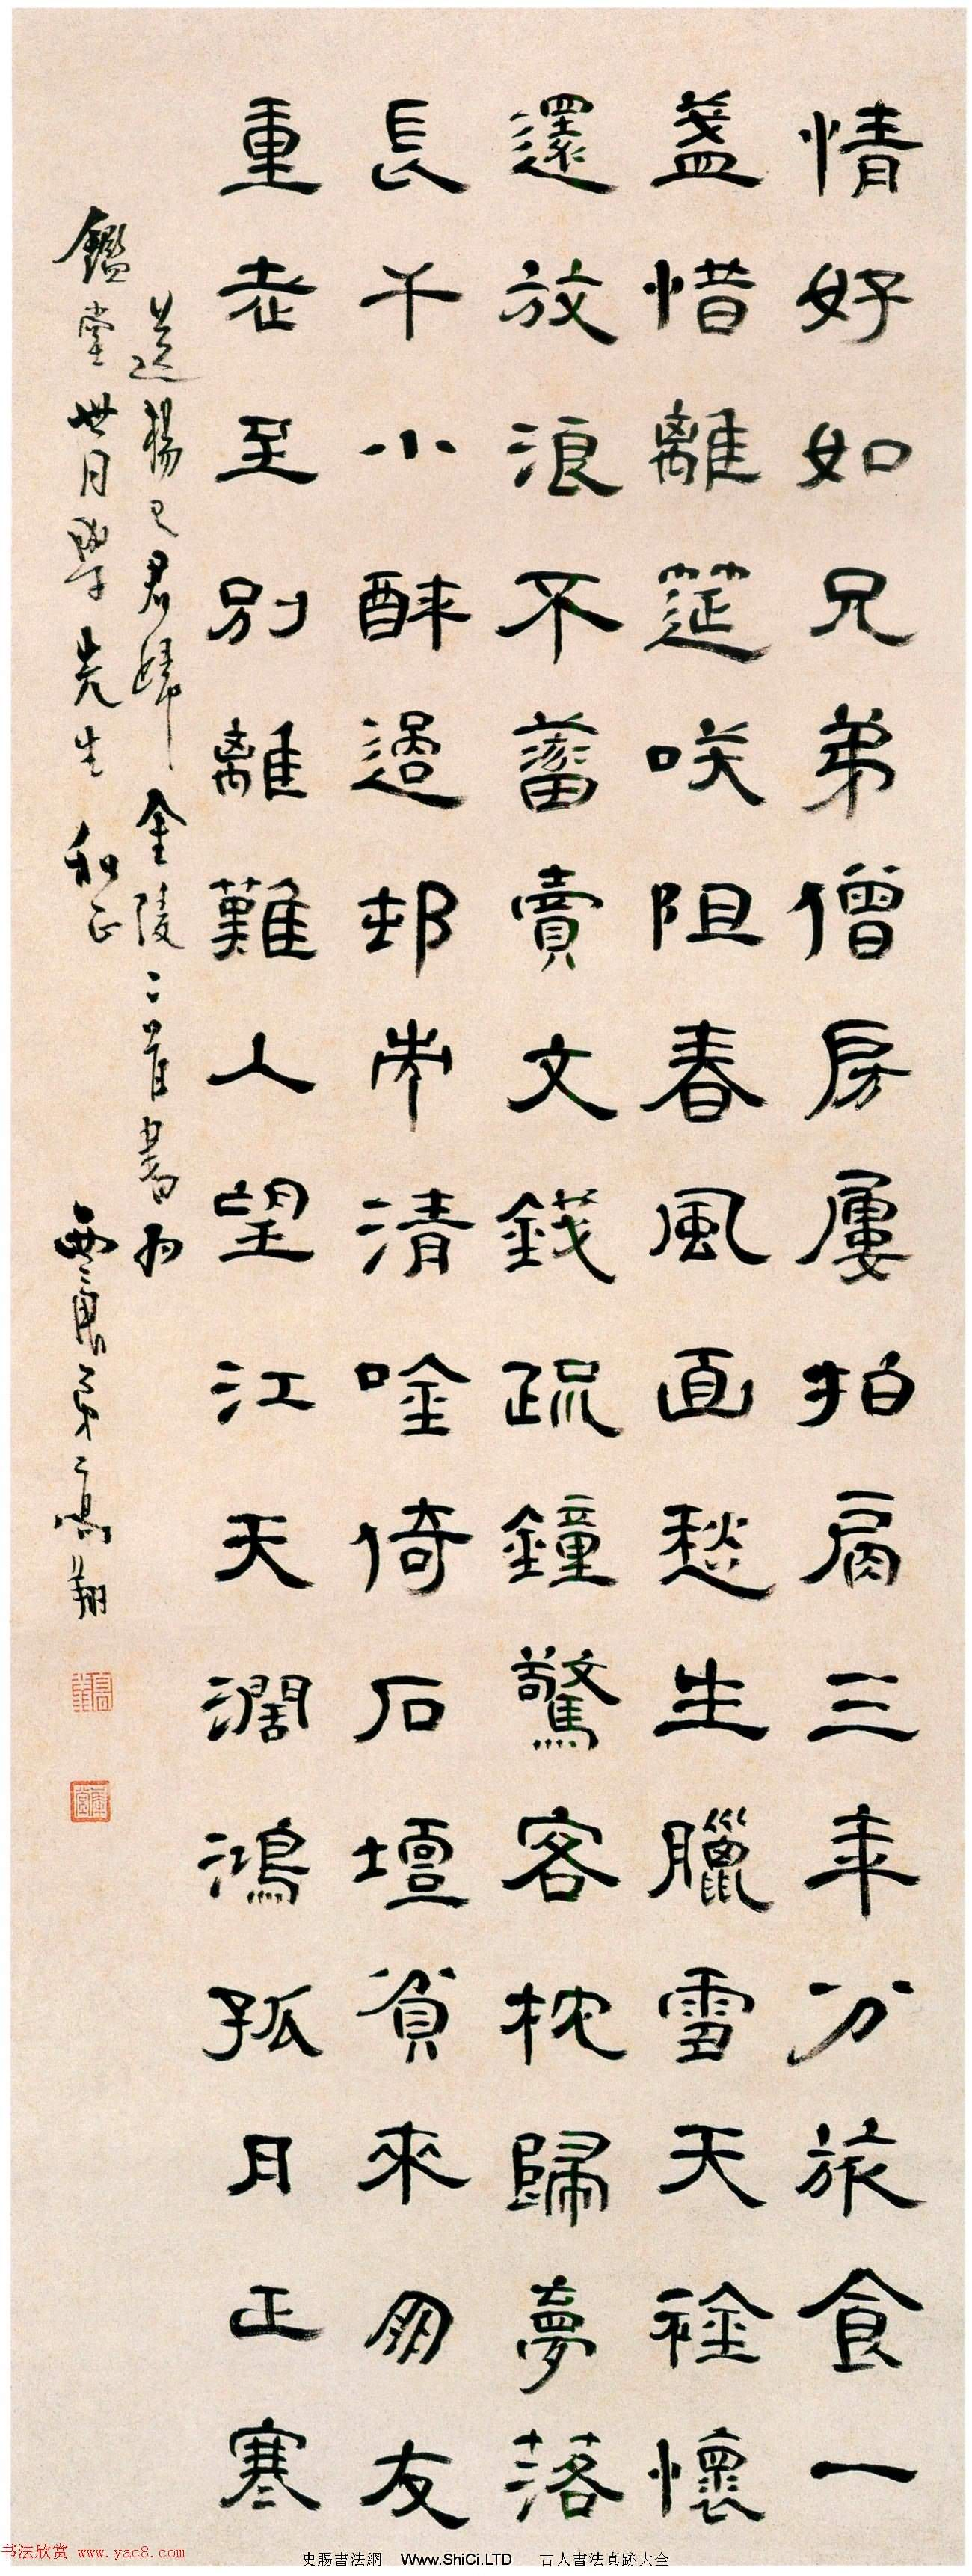 揚州八怪之一高翔隸書作品真跡欣賞(共4張圖片)